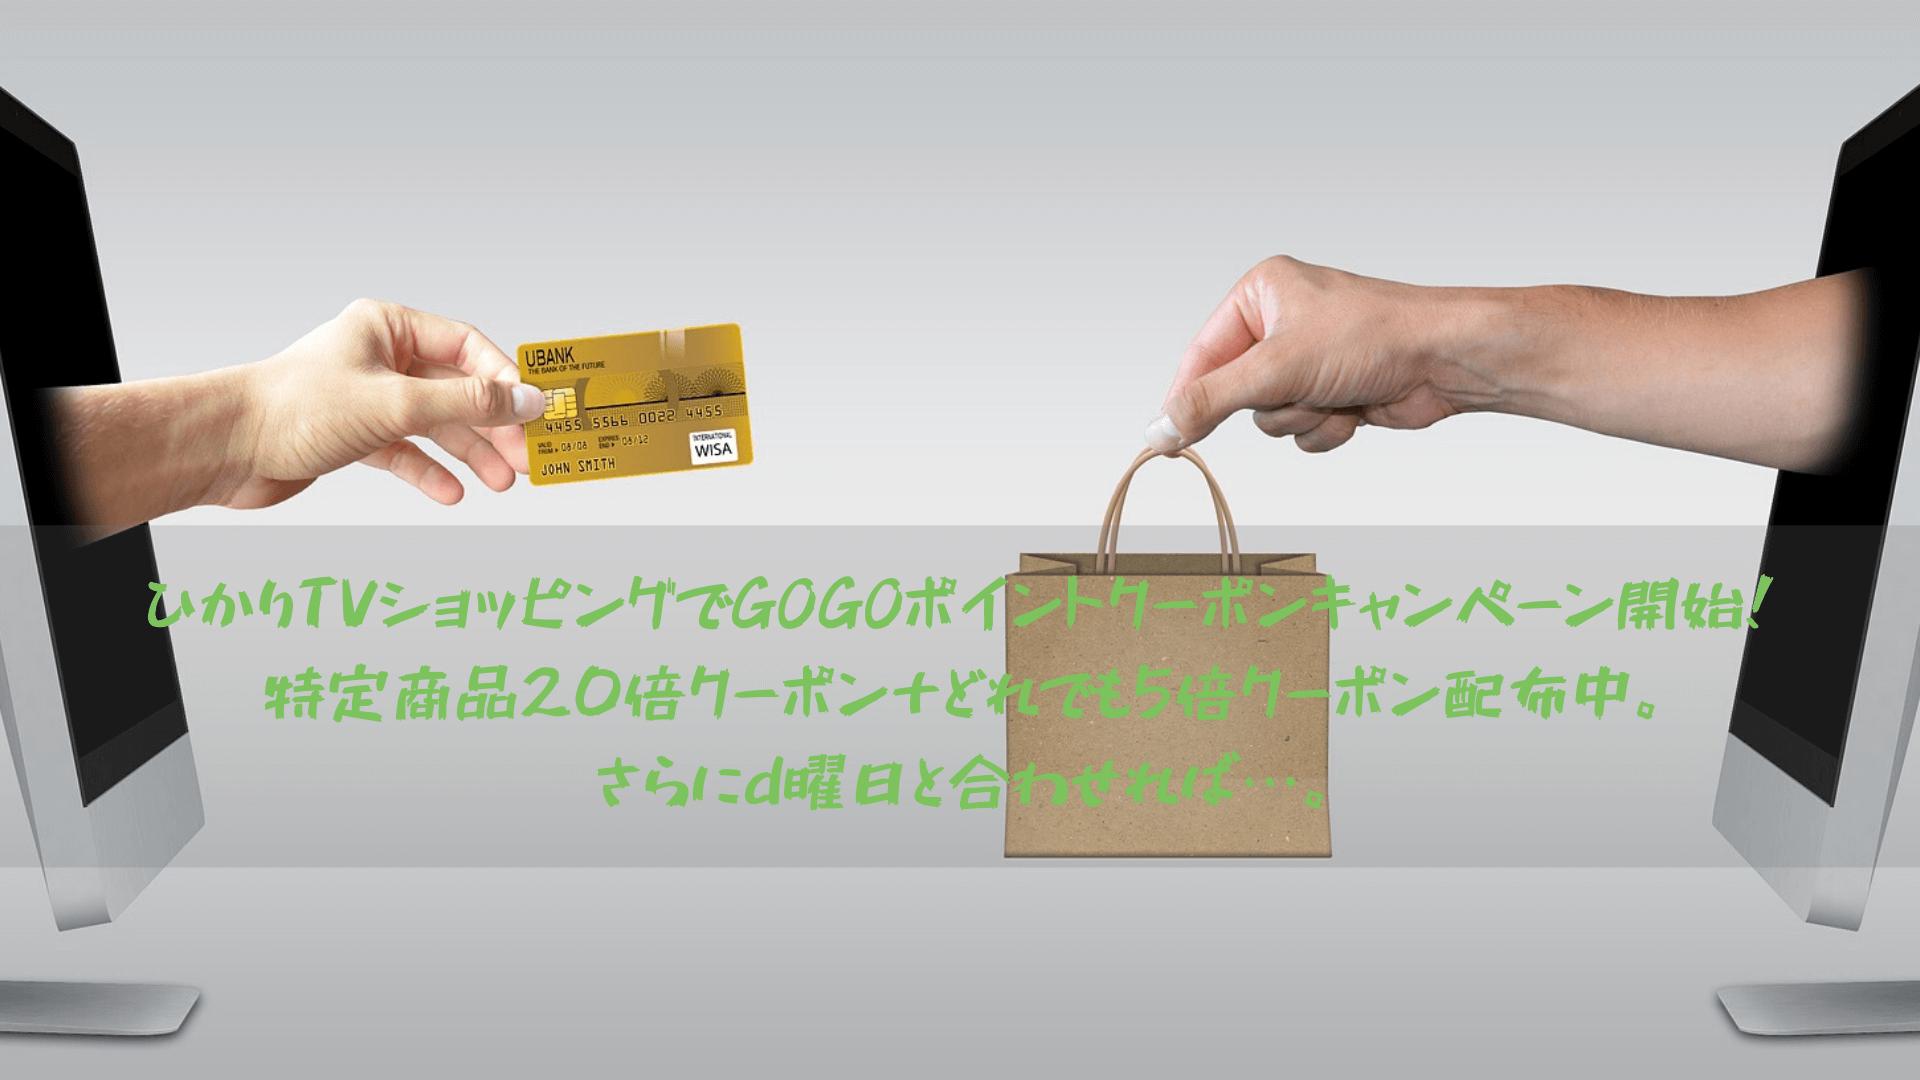 ひかりTVショッピングでGOGOポイントクーポンキャンペーン開始!特定商品20倍クーポン+どれでも5倍クーポン配布中。さらにd曜日と合わせれば…。